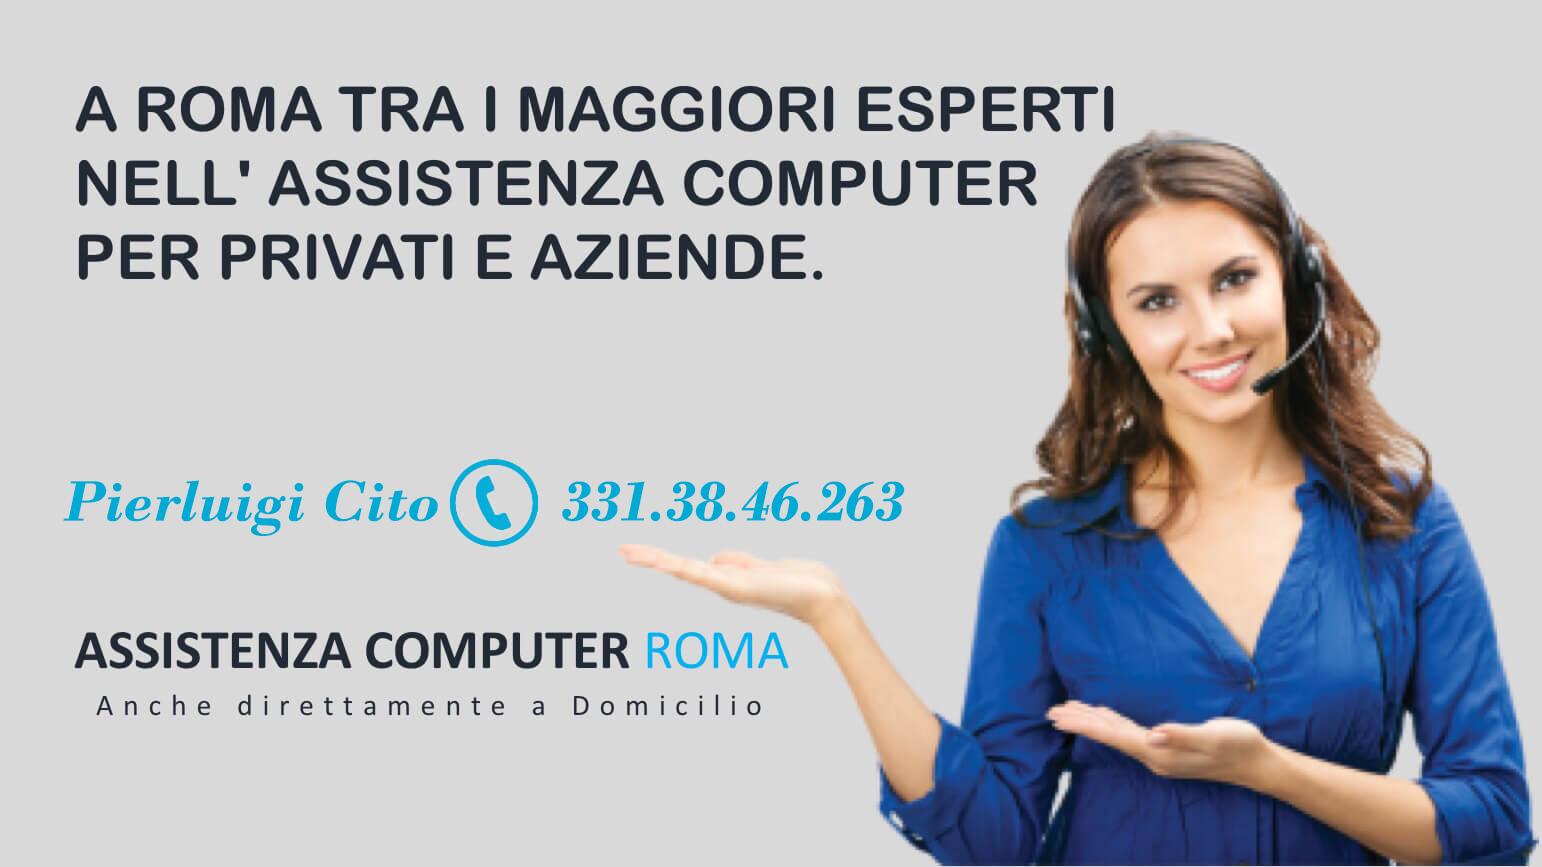 assistenza computer roma